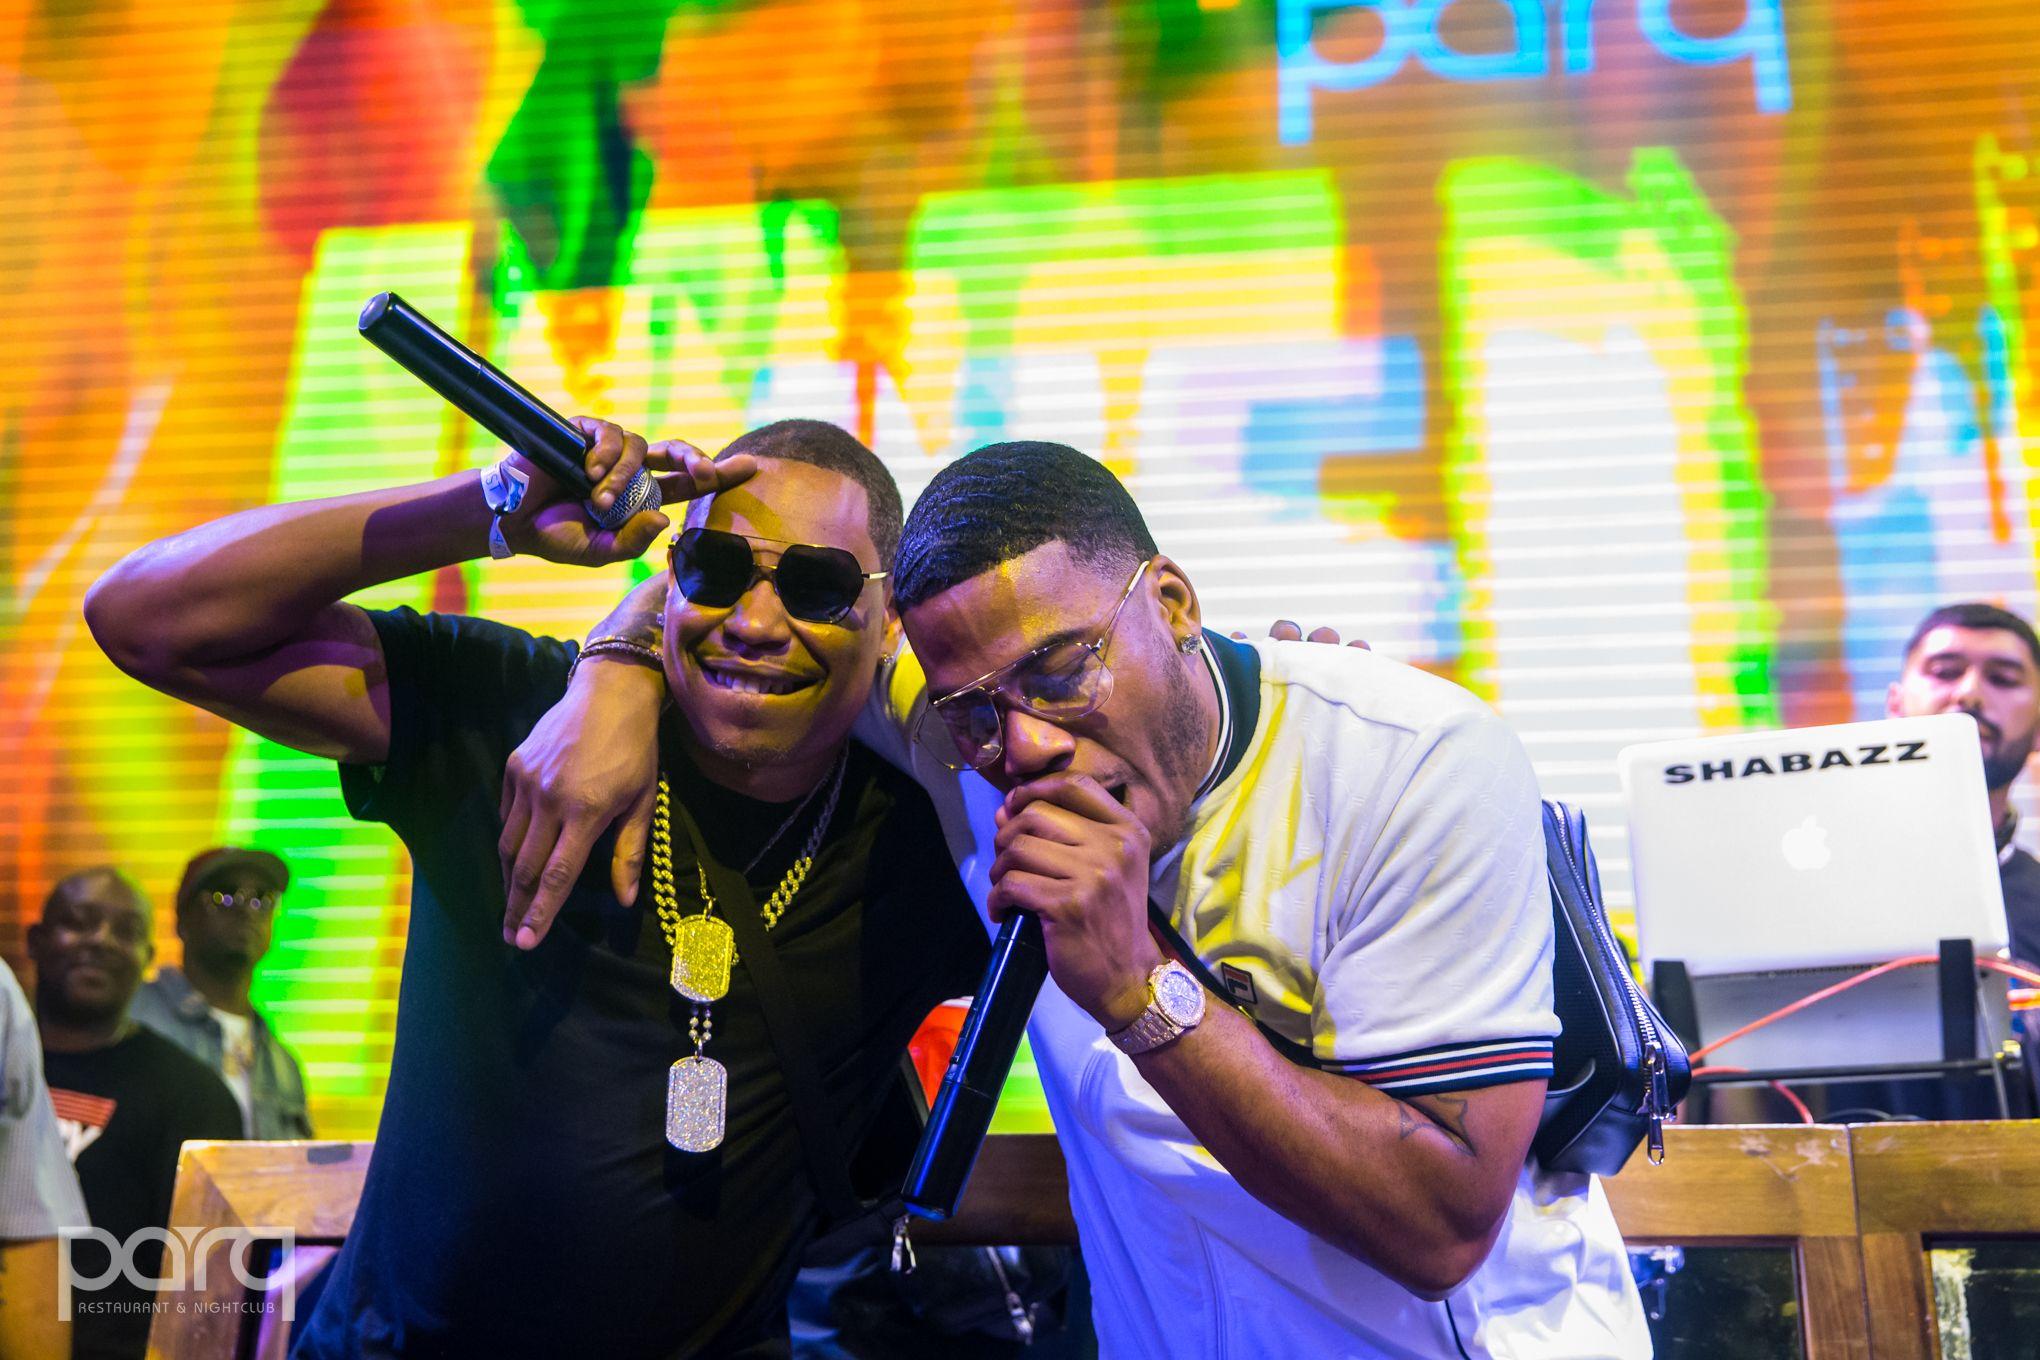 09.01.19 Parq - Nelly-2.jpg